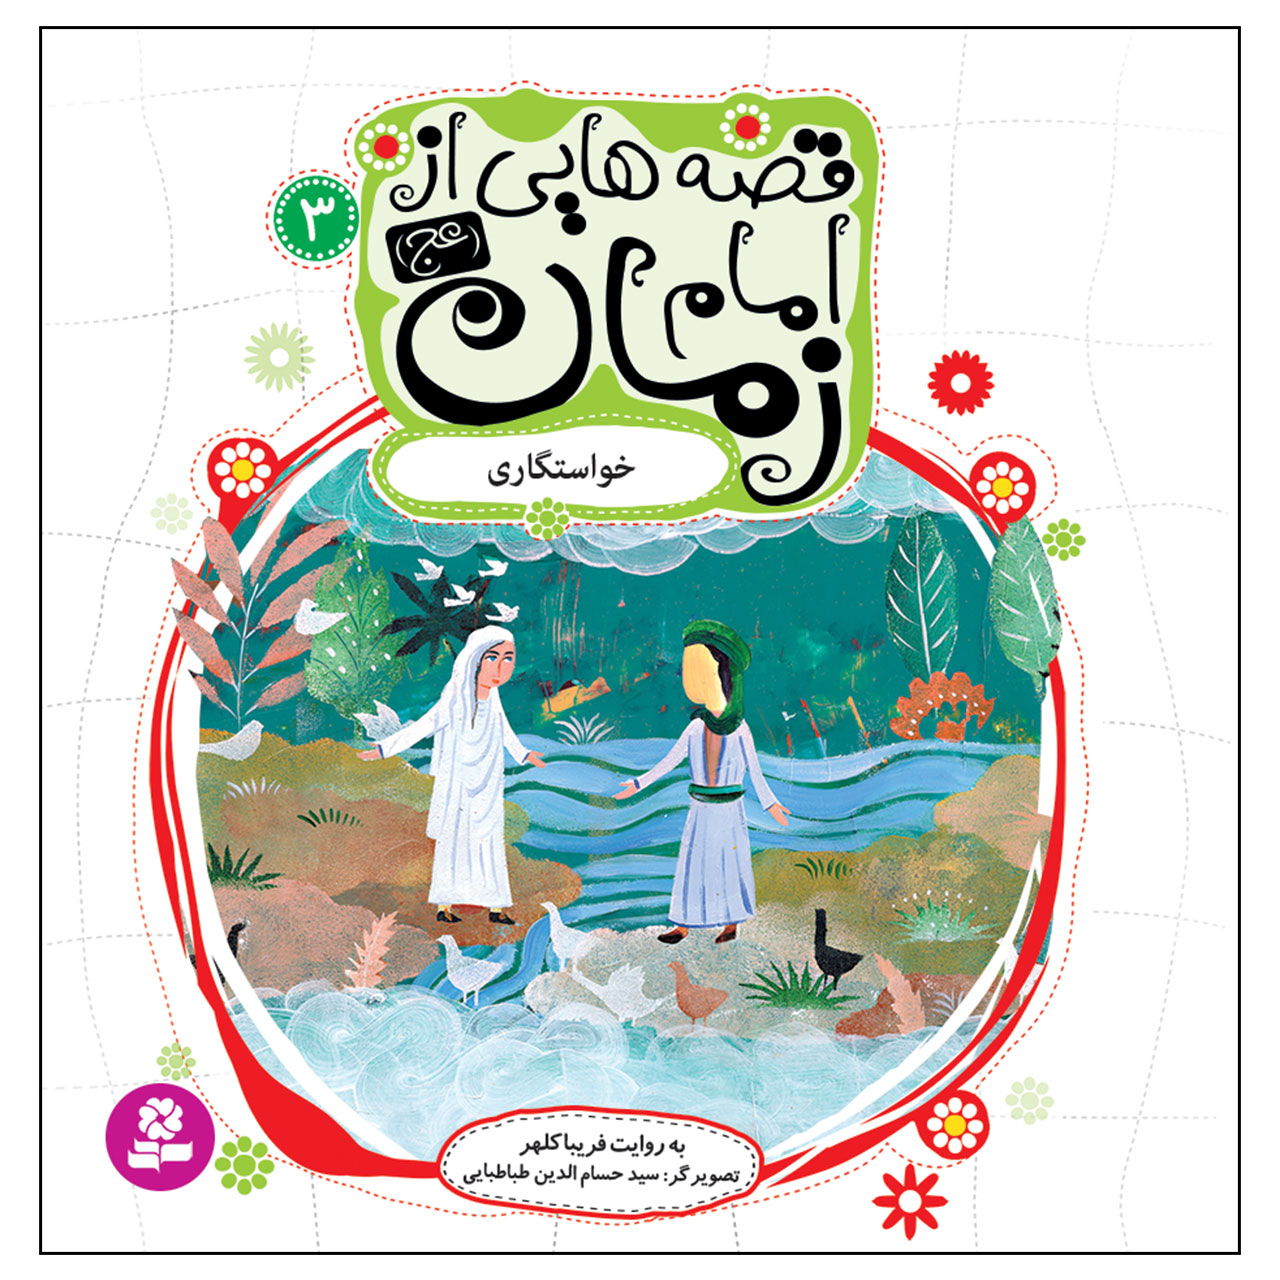 خرید                      کتاب قصه هایی از امام زمان (عج) 3 خواستگاری اثر فریبا کلهر انتشارات قدیانی